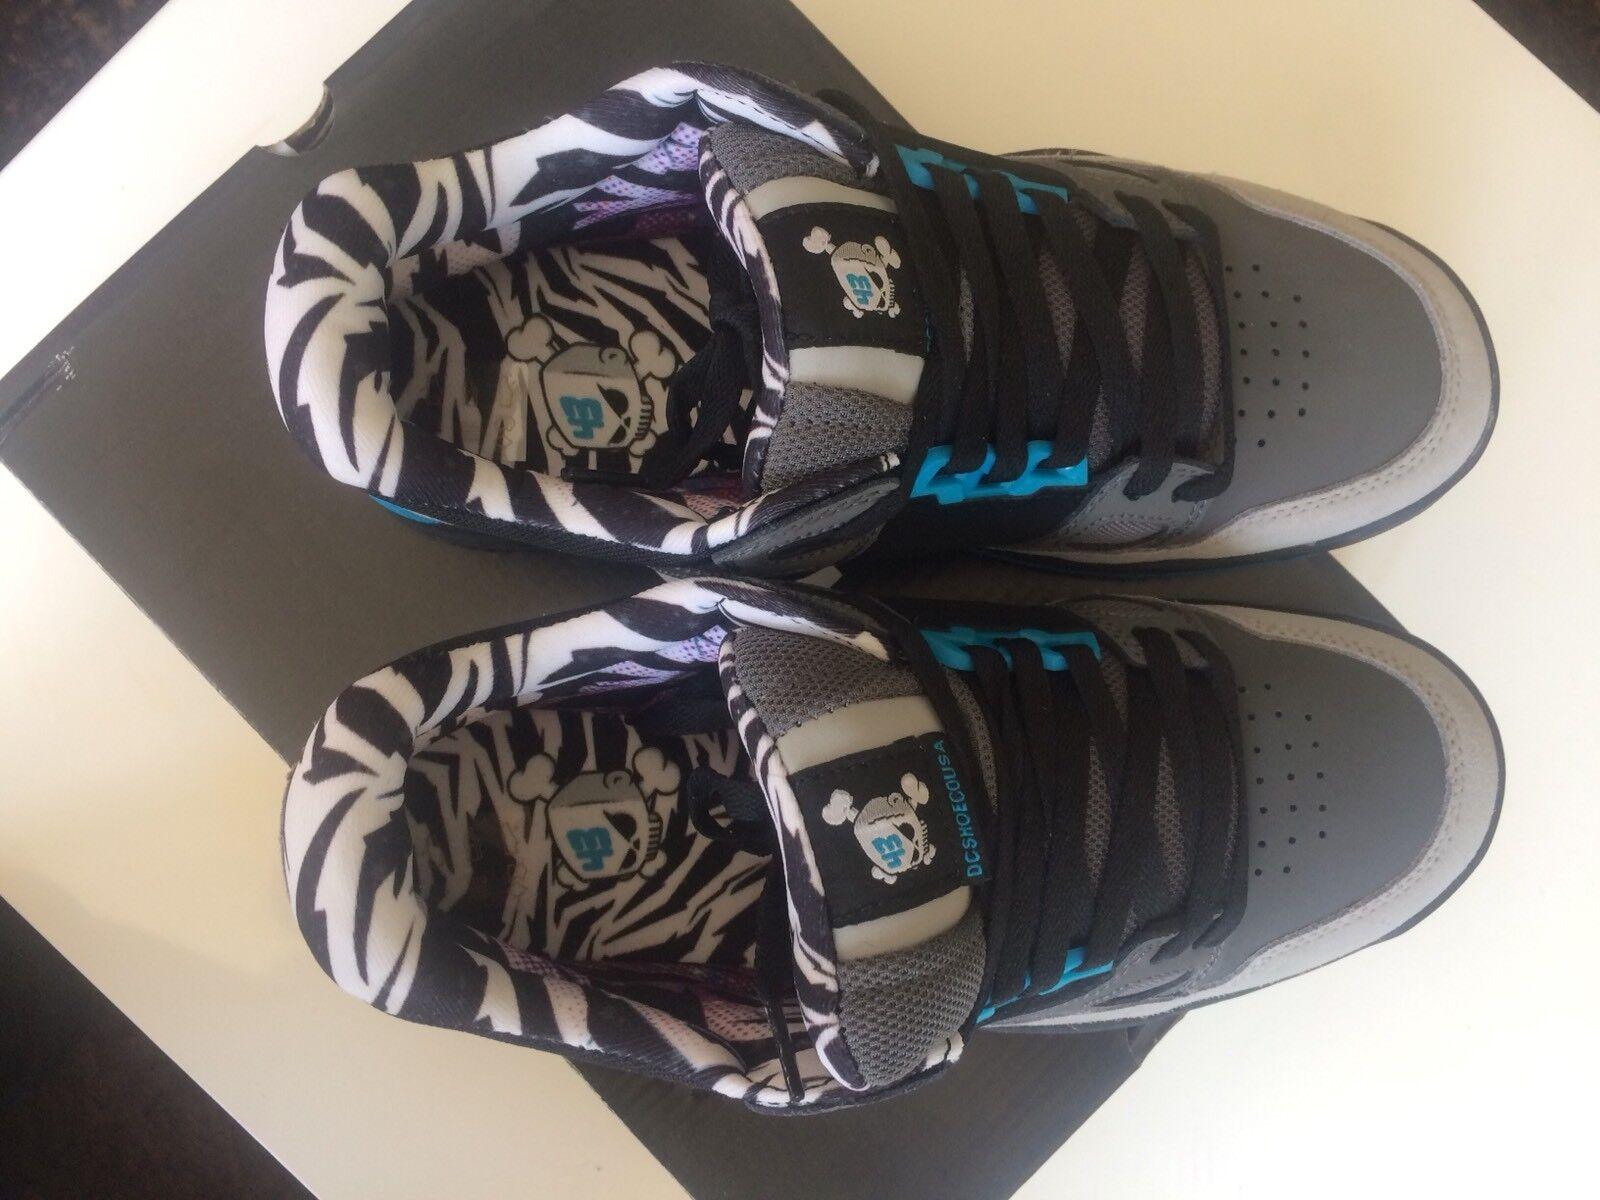 DC Schuhe Stag 2 KB/ Gr.42,5 NEU Rarität und Selten!